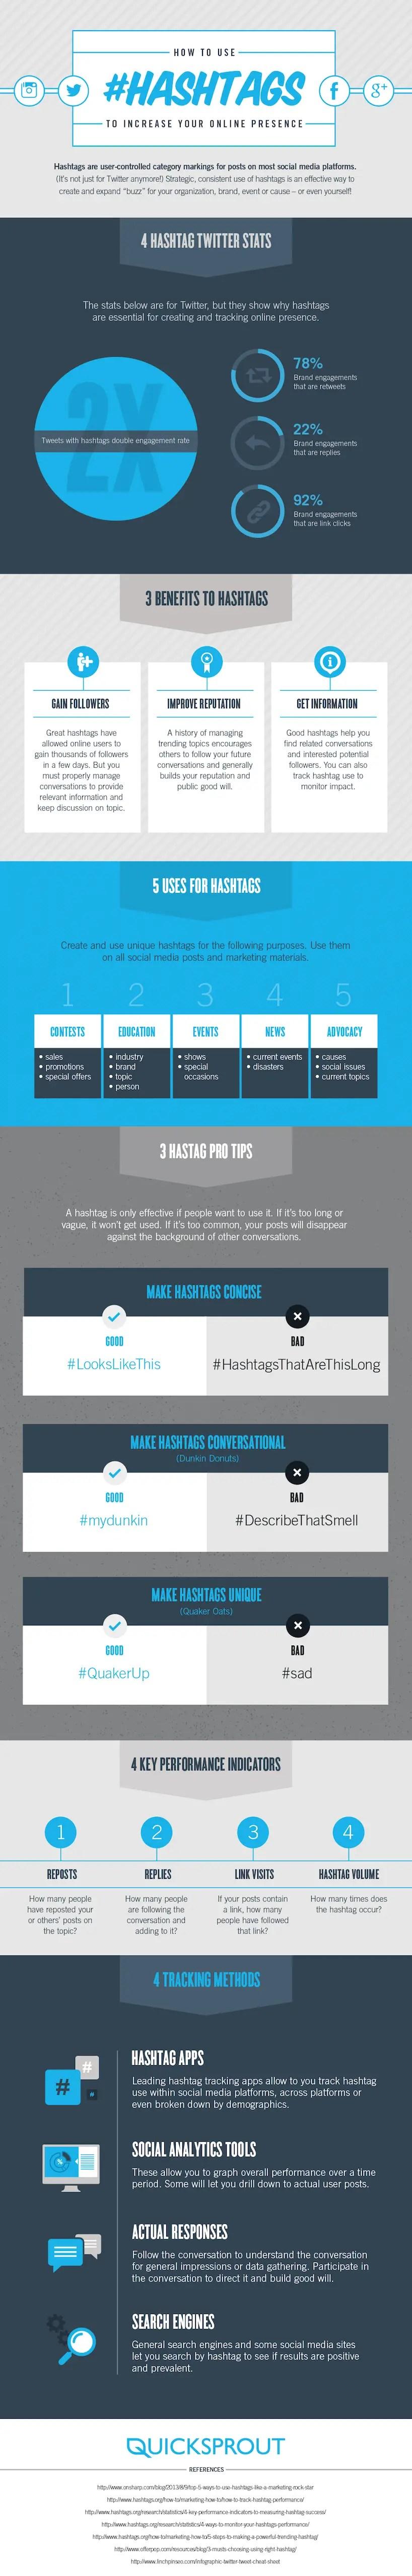 hashtagsinfographic